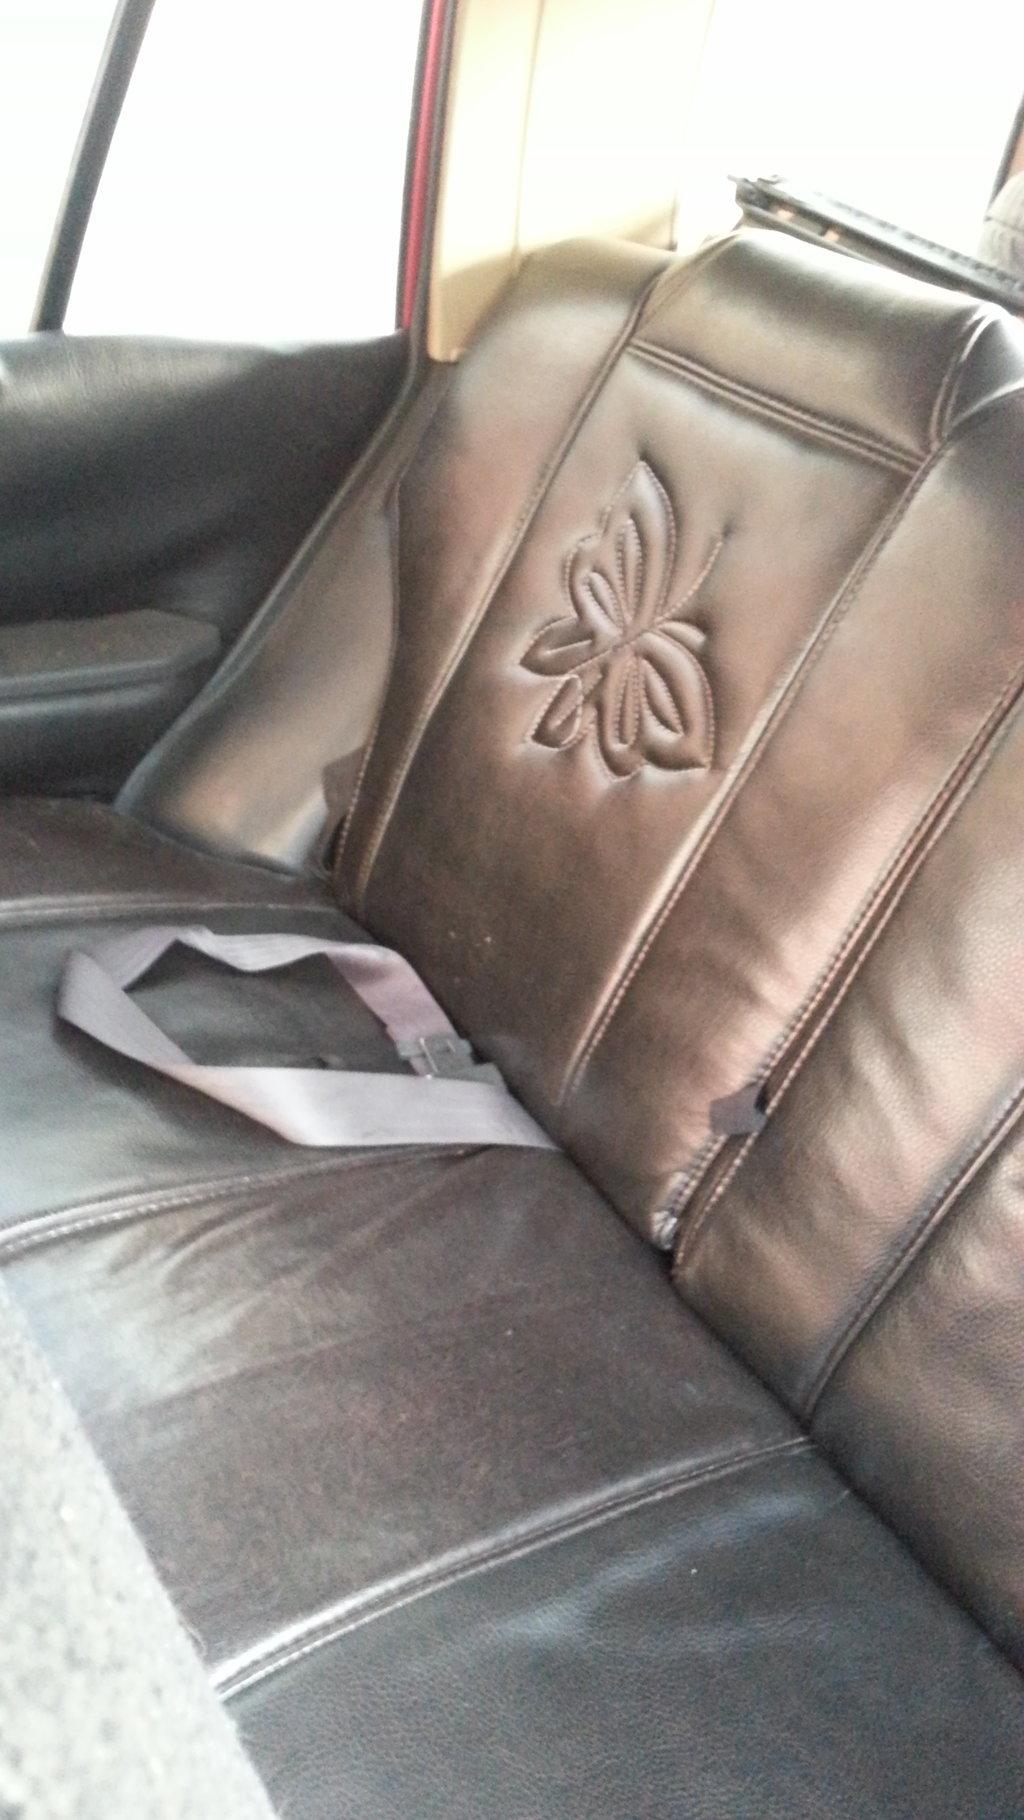 Задние сиденья. Между прочим не нашел ремень безопасности для этого сиденья. Как сына то садить туда?!